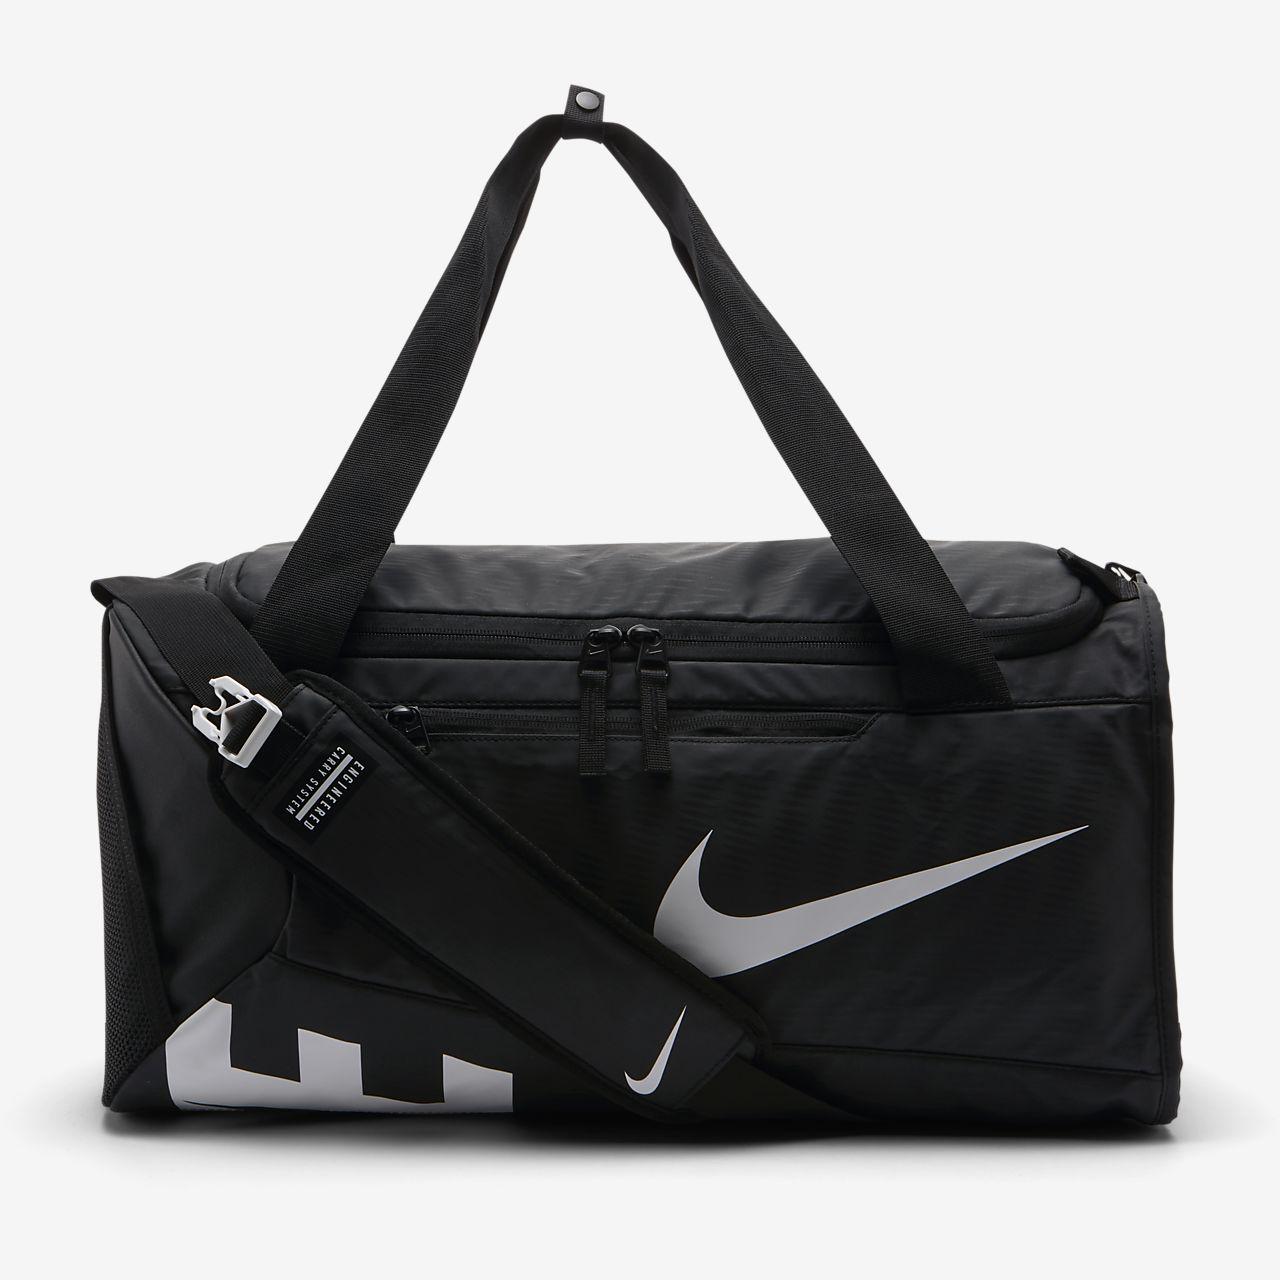 Nike Alpha Adapt Cross Body (Small) Duffel Bag